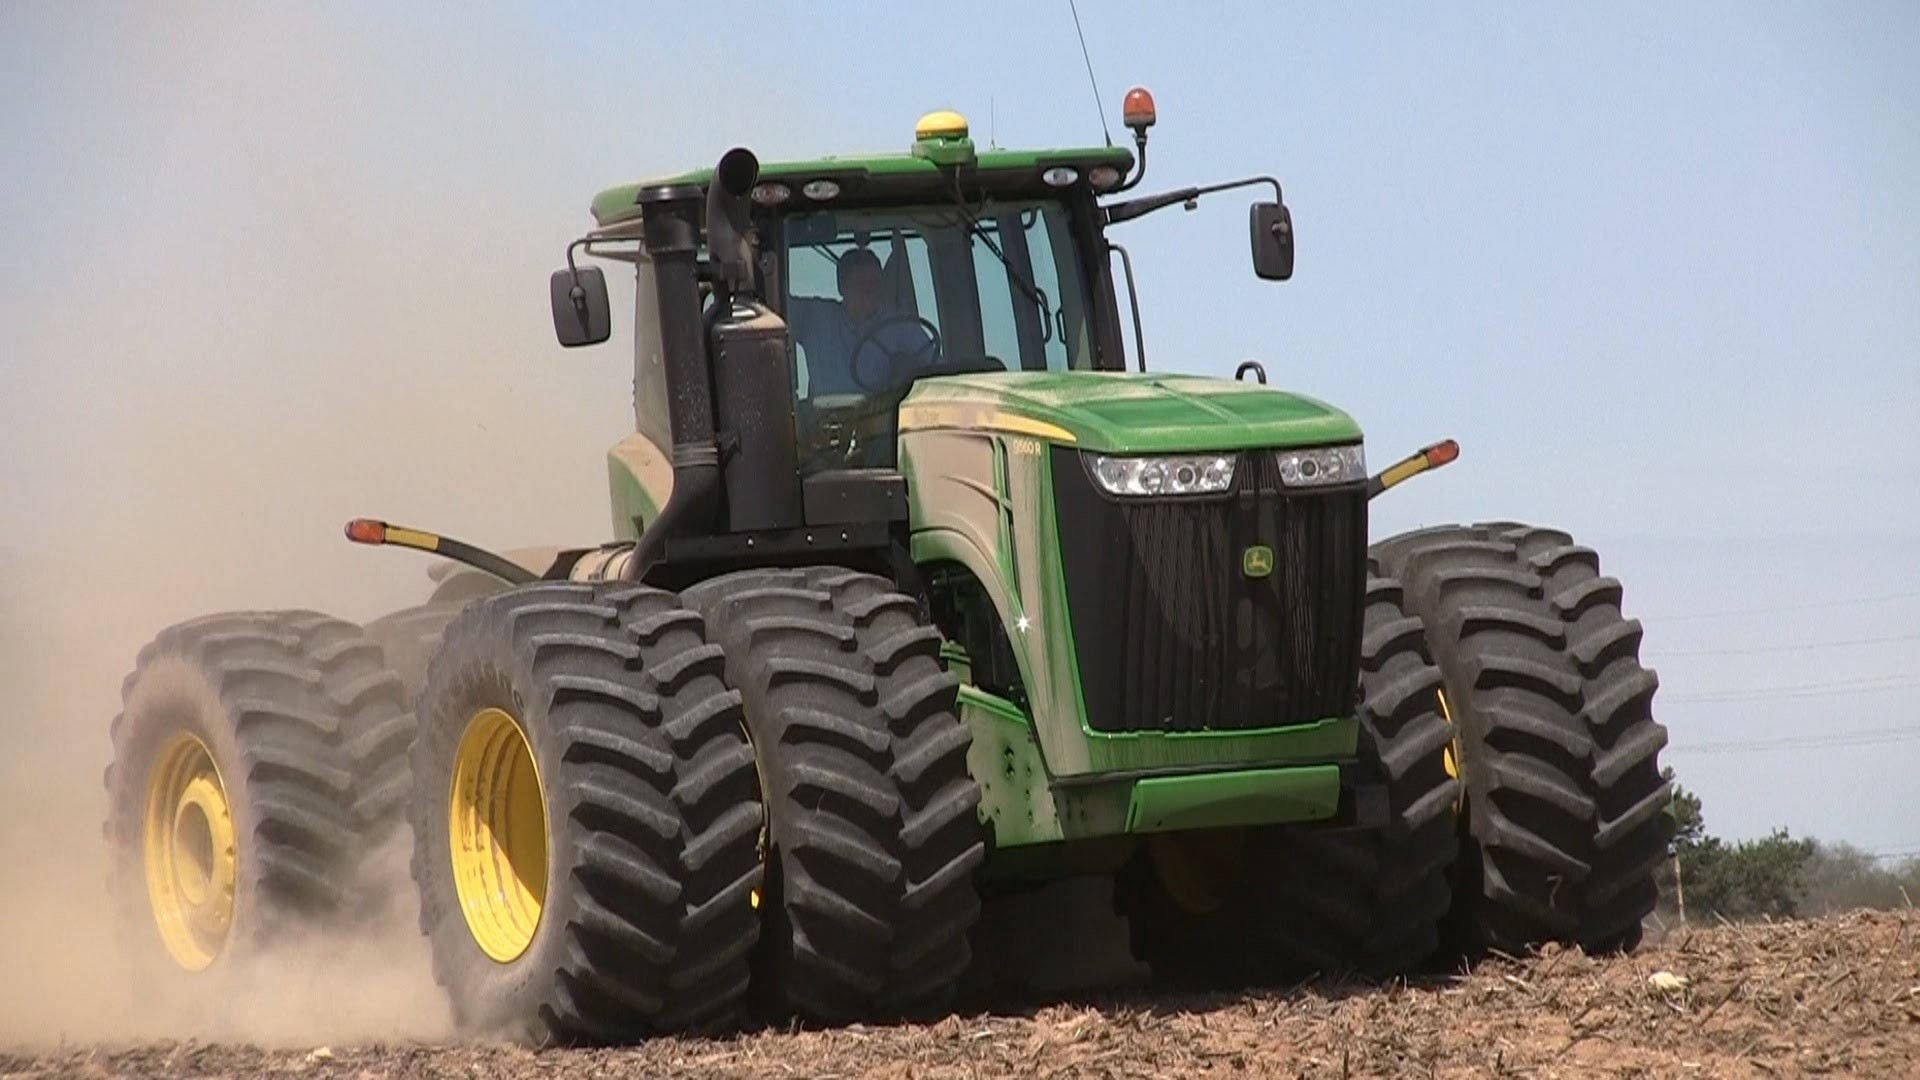 1920x1080 IRX Tractor Wallpapers in Best Resolutions K Ultra HD | Wallpapers 4k | Pinterest | Tractor and Wallpaper. Download